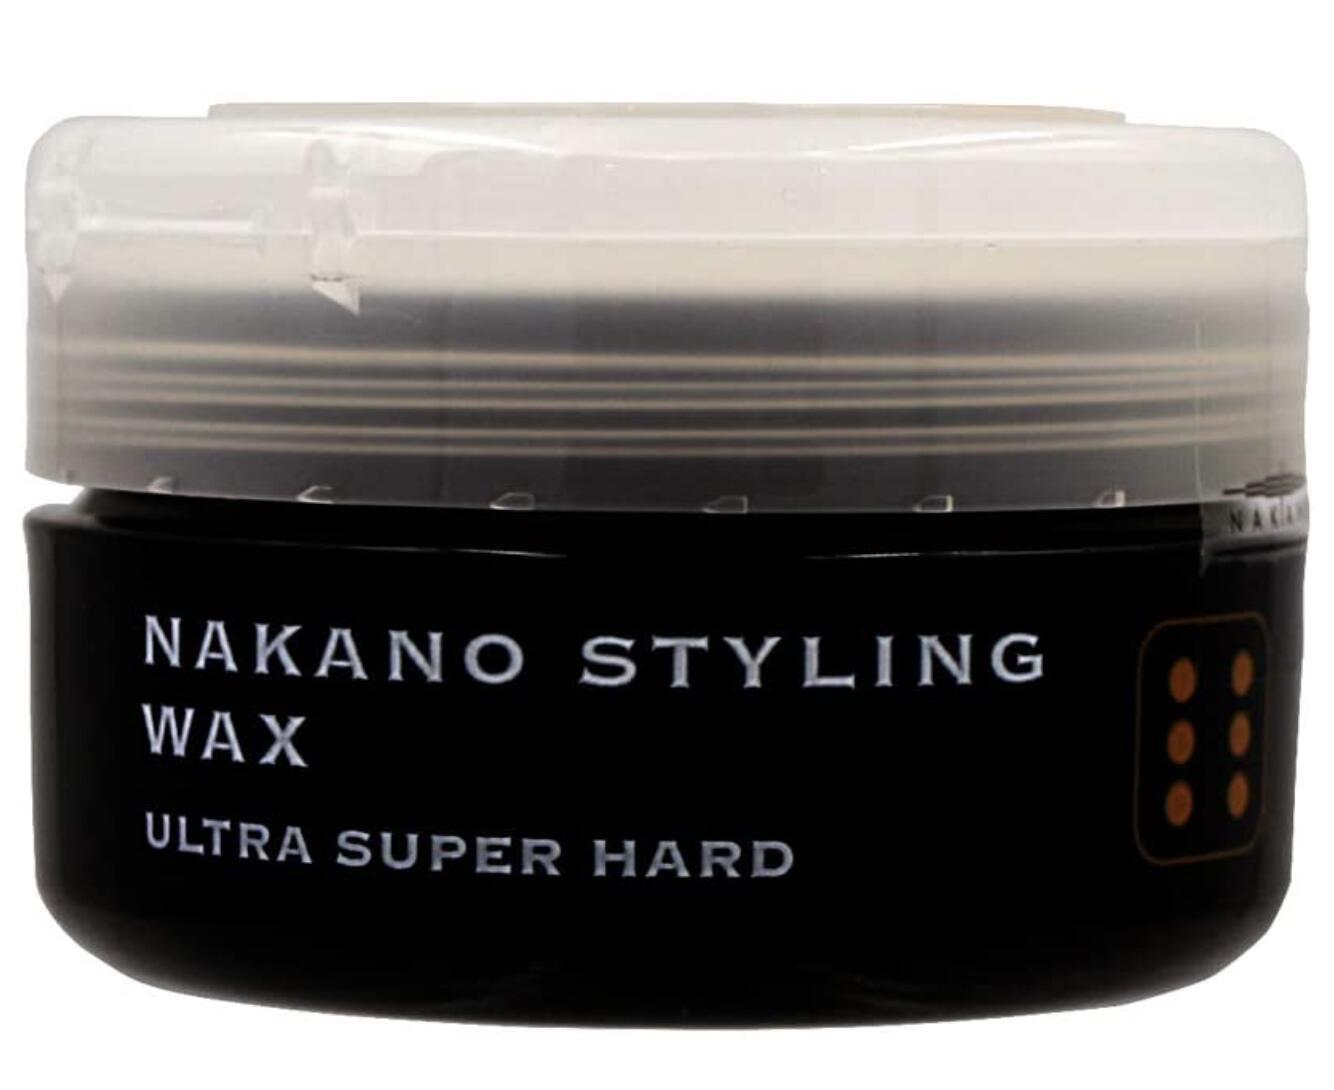 ヘアカラーの退色を防止し 贈り物 超ハードなホールド力で 毛束感をそのままキープ出来るウルトラスーパーハードワックスです ナカノ スタイリングワックス 3個セット ウルトラスーパーハード6#160;90g 信憑